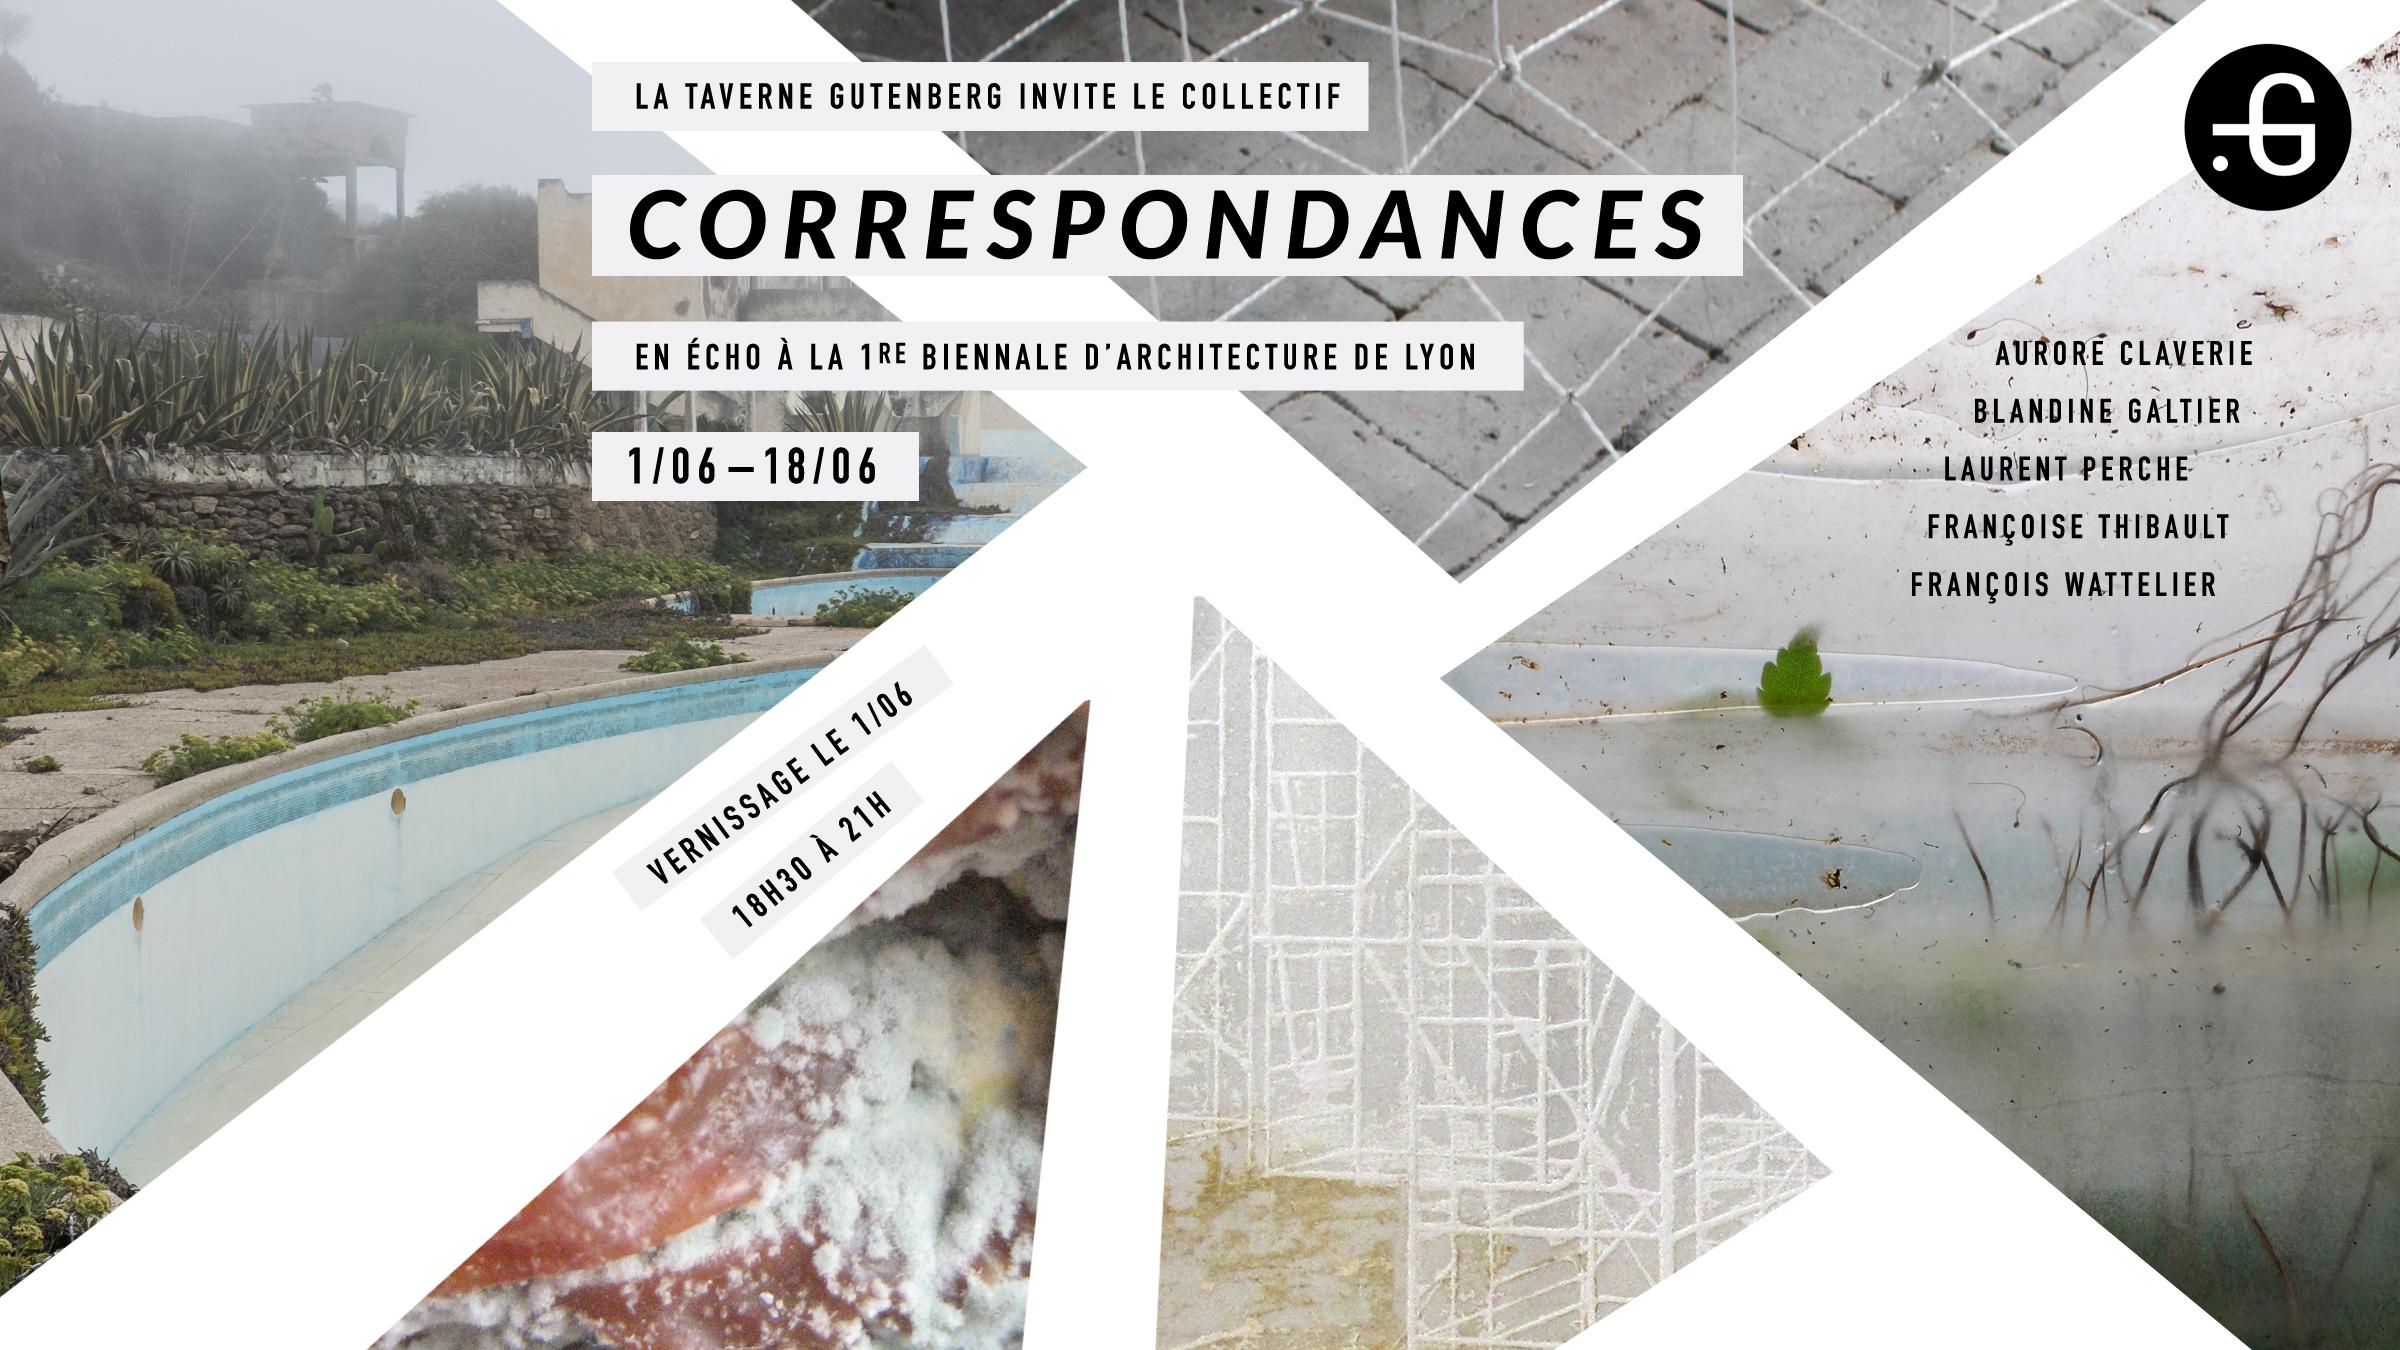 """Affiche de l'exposition """"Correspondances"""" à la Taverne Gutenberg"""